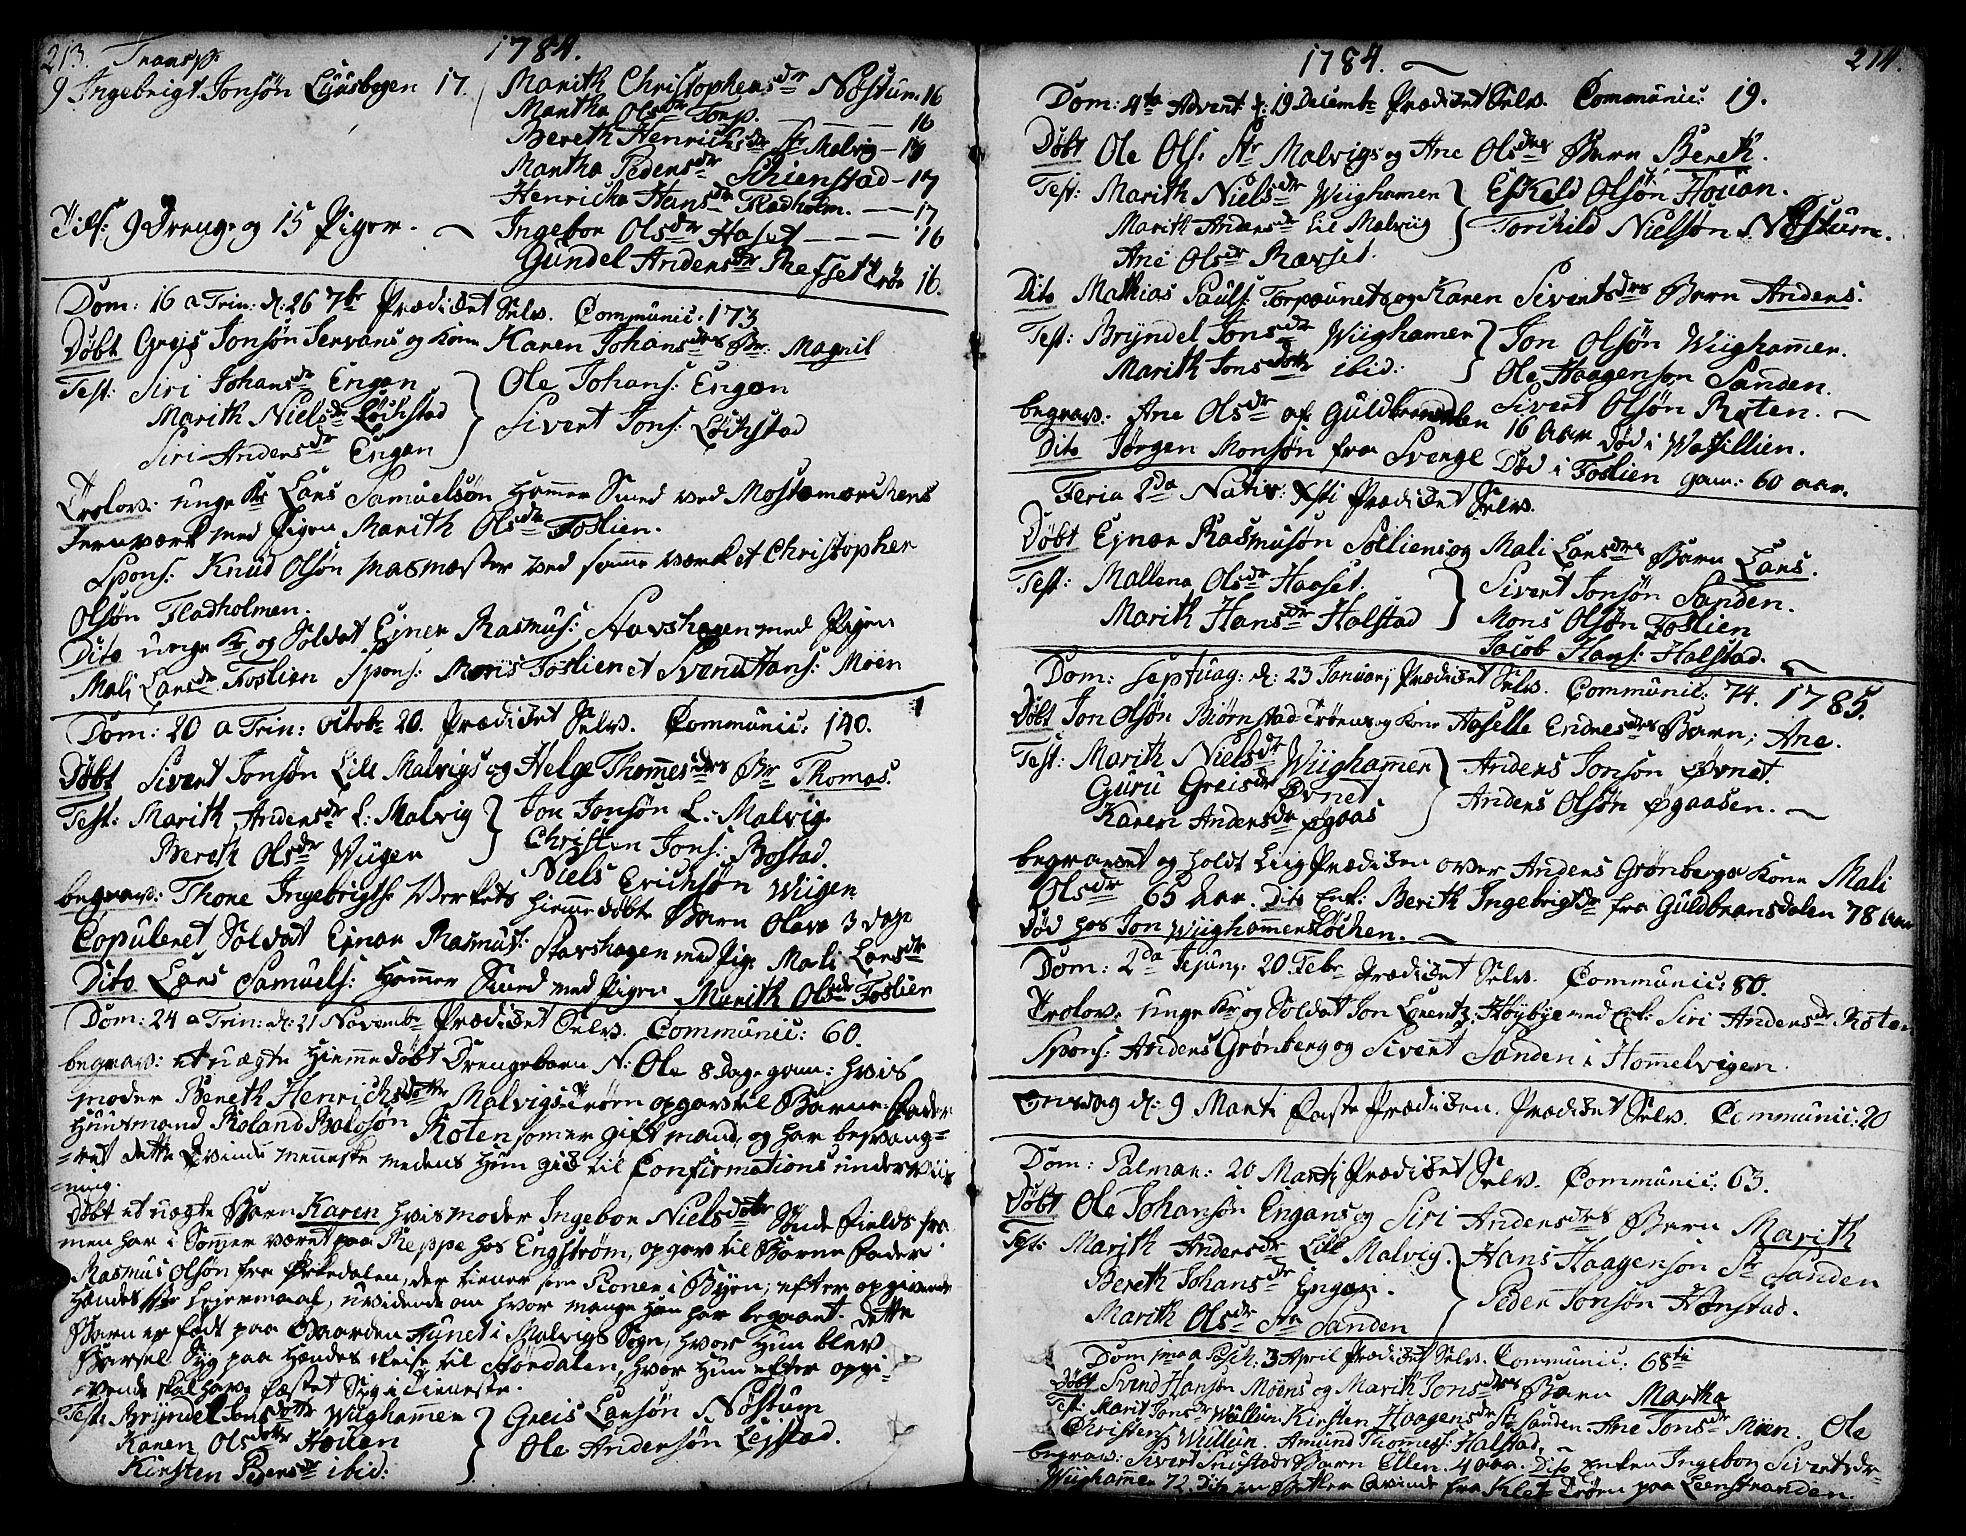 SAT, Ministerialprotokoller, klokkerbøker og fødselsregistre - Sør-Trøndelag, 606/L0281: Ministerialbok nr. 606A02 /2, 1781-1817, s. 213-214